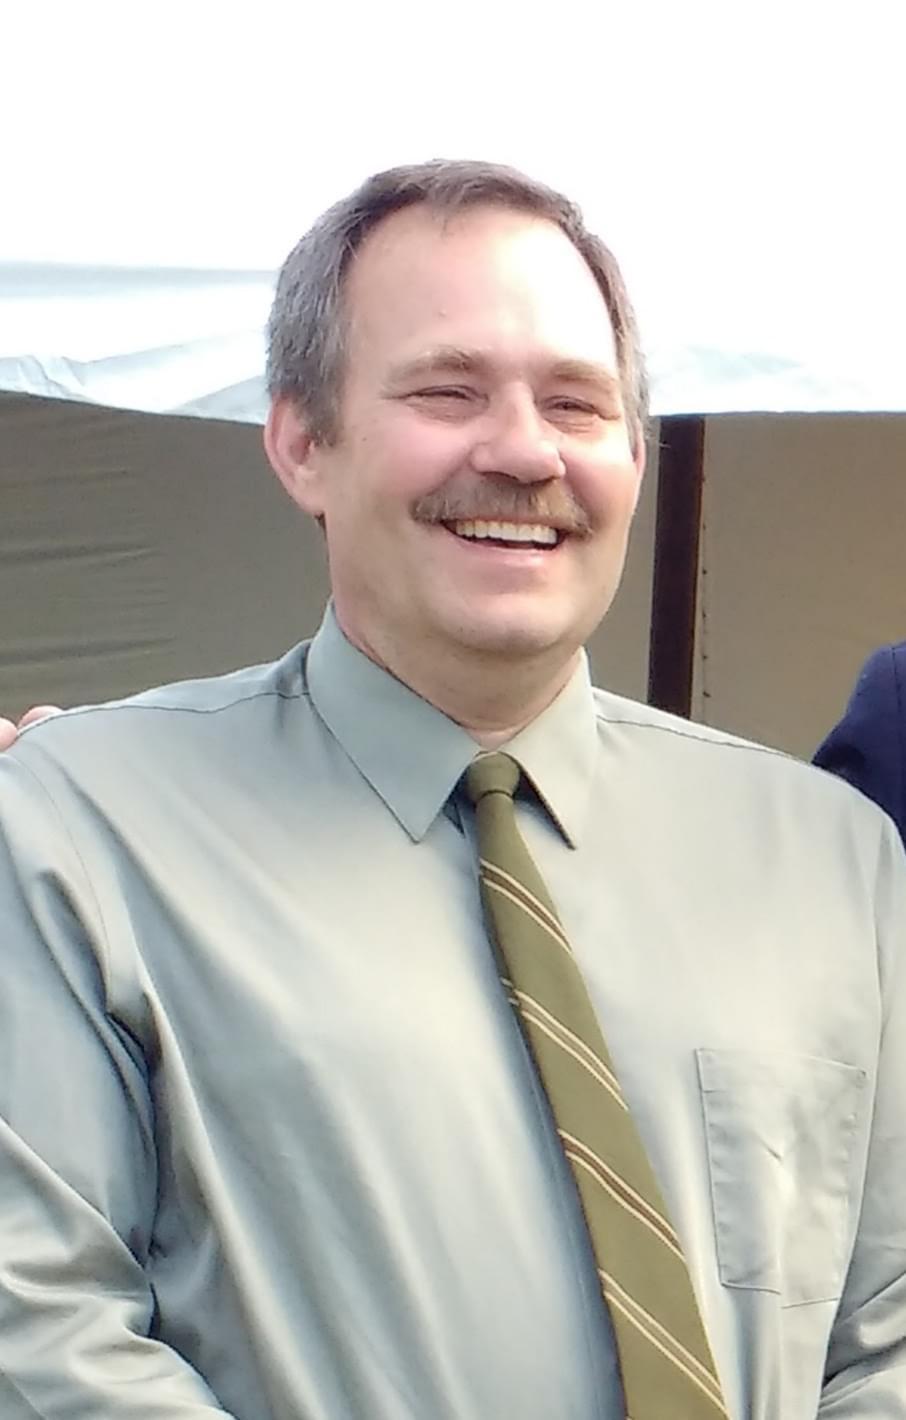 Steven M. Bierdeman